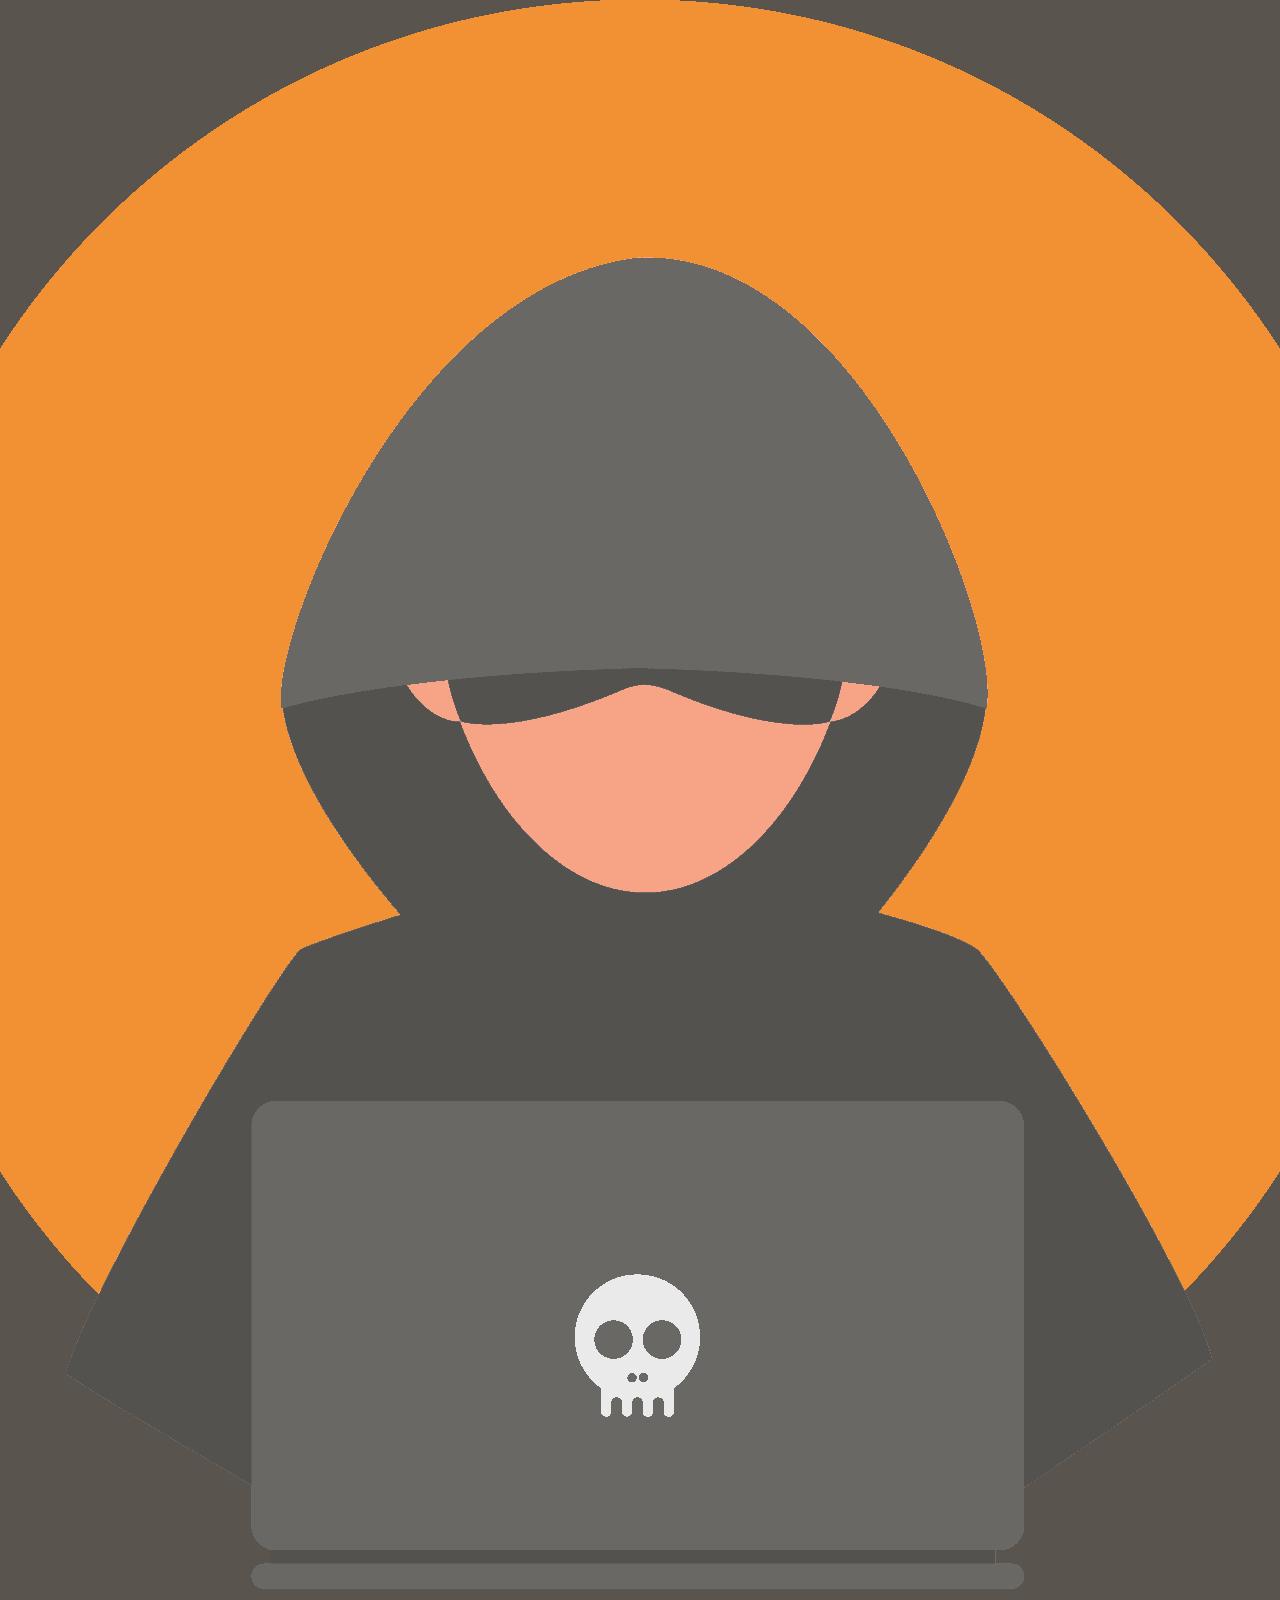 HackerSOD